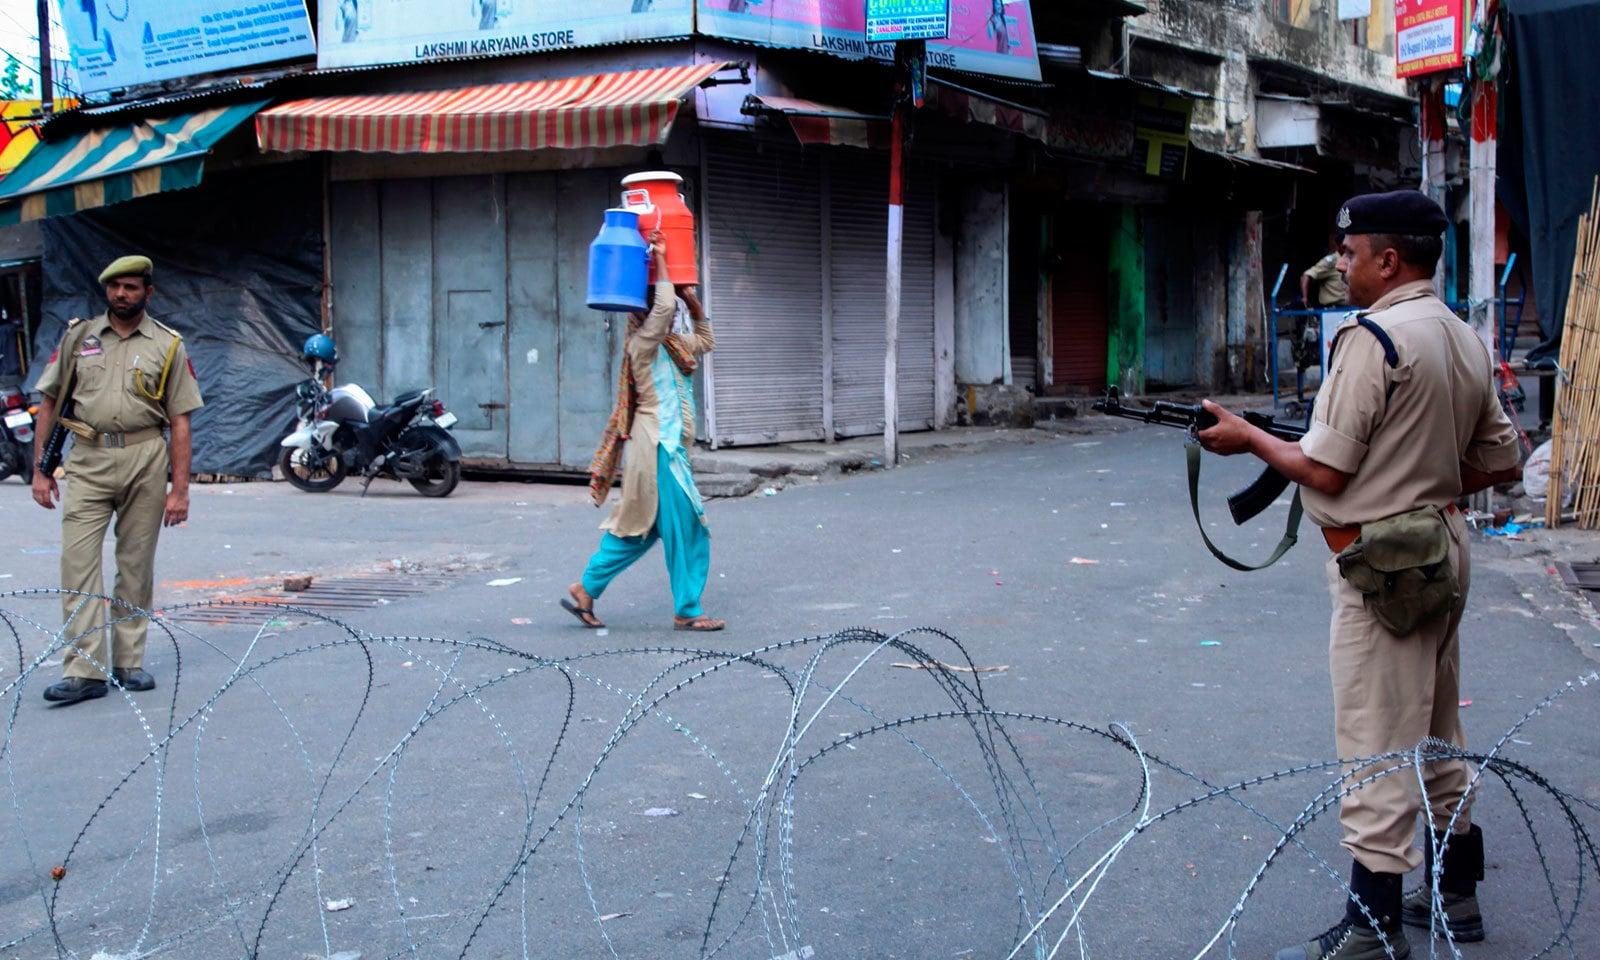 مقبوضہ کشمیر میں غیر معینہ مدت تک سخت کرفیو نافذ ہے — فوٹو: اے ایف پی